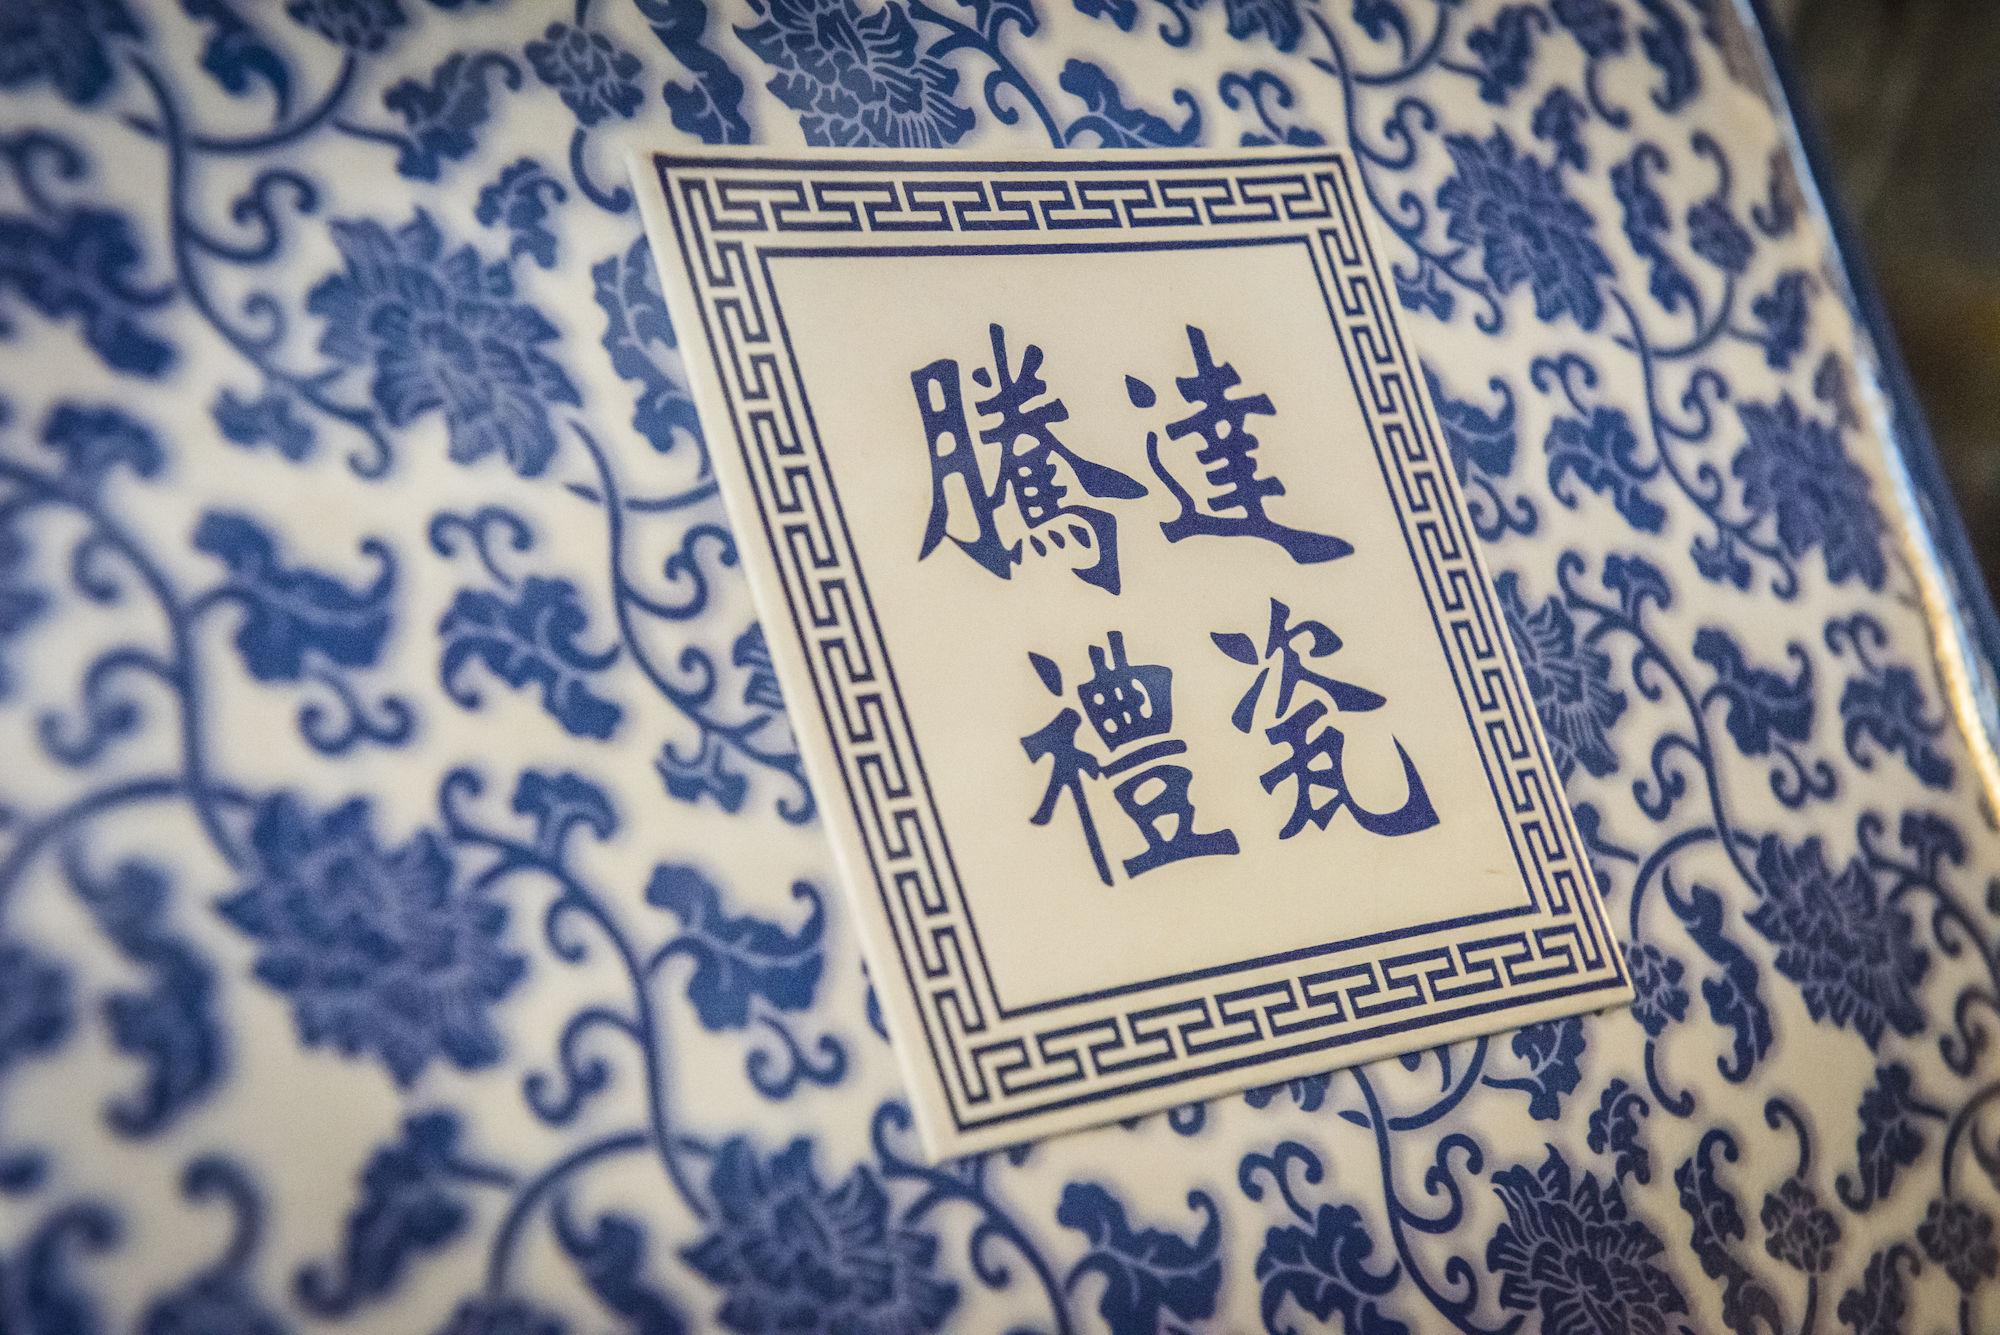 170918-expo-Hebei-23.jpg